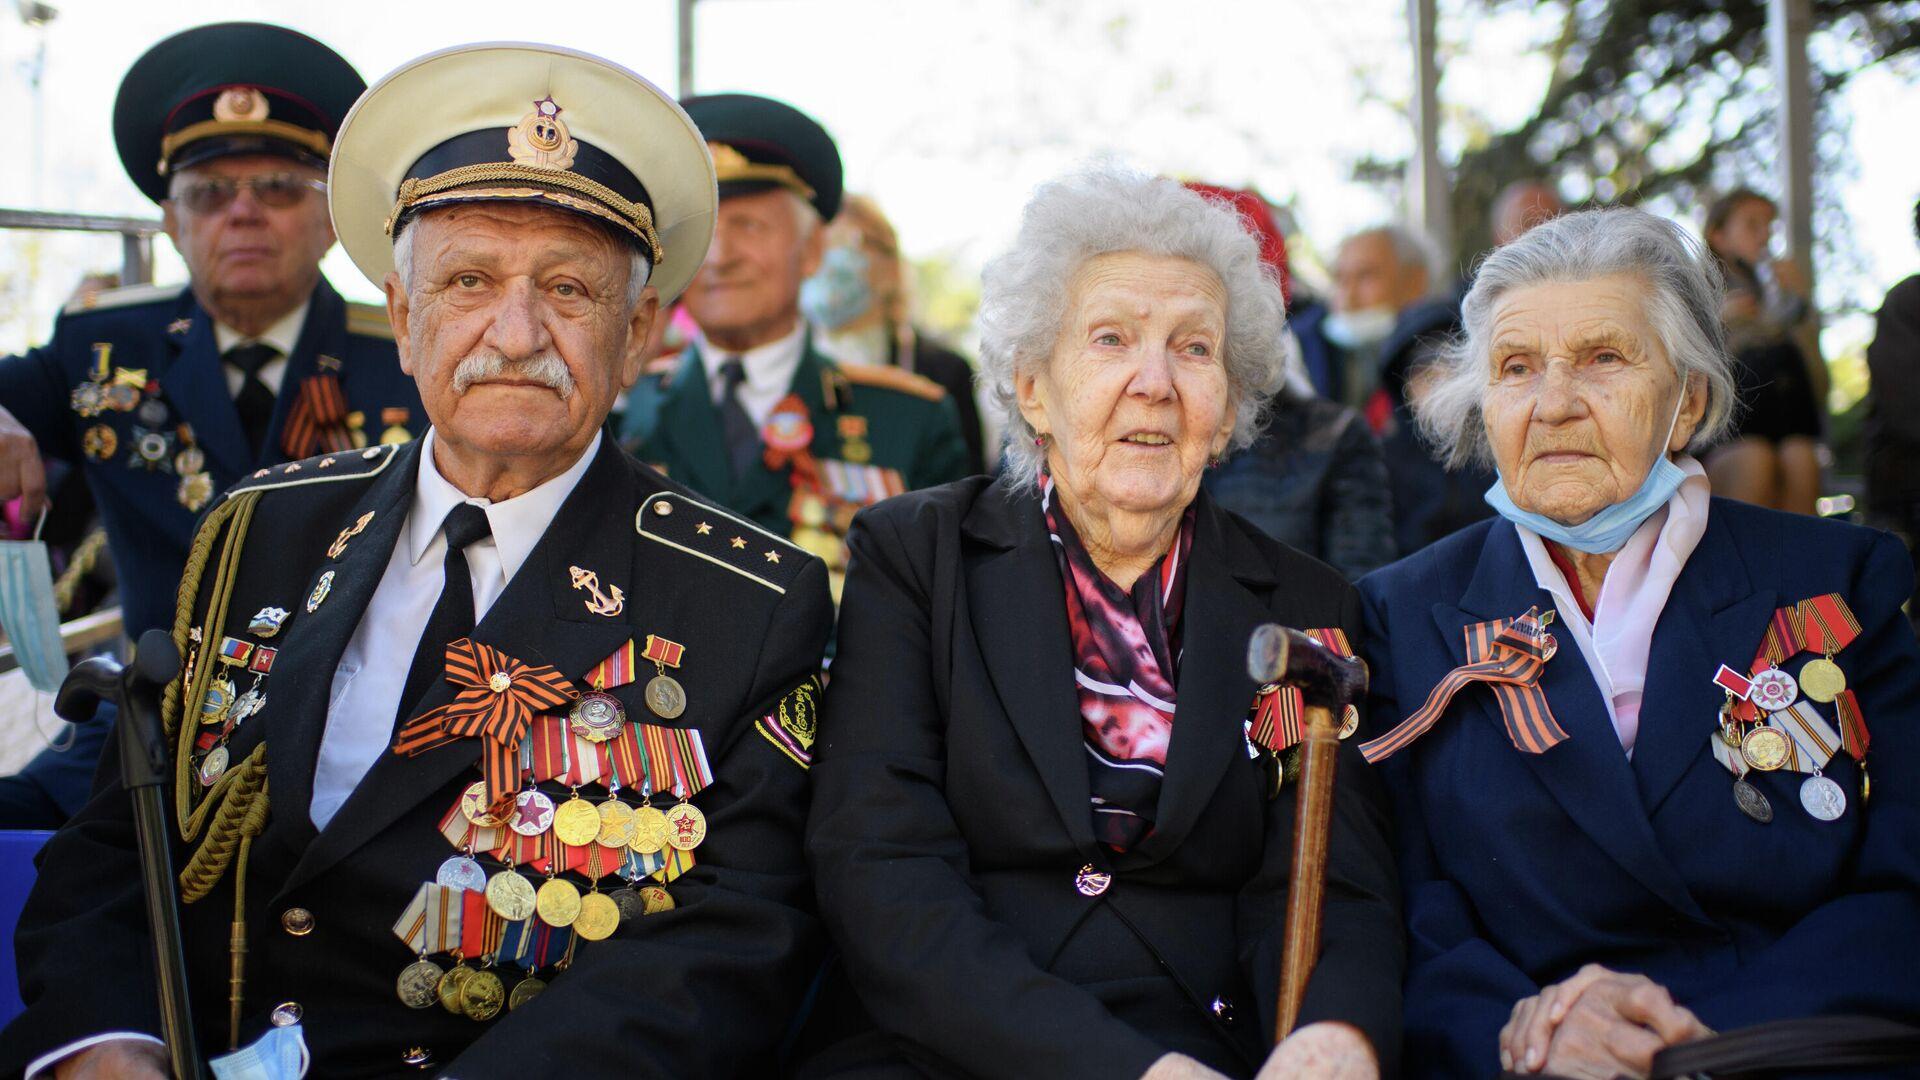 Ветераны Великой Отечественной войны военном параде в честь 76-й годовщины Победы в Севастополе - РИА Новости, 1920, 08.09.2021